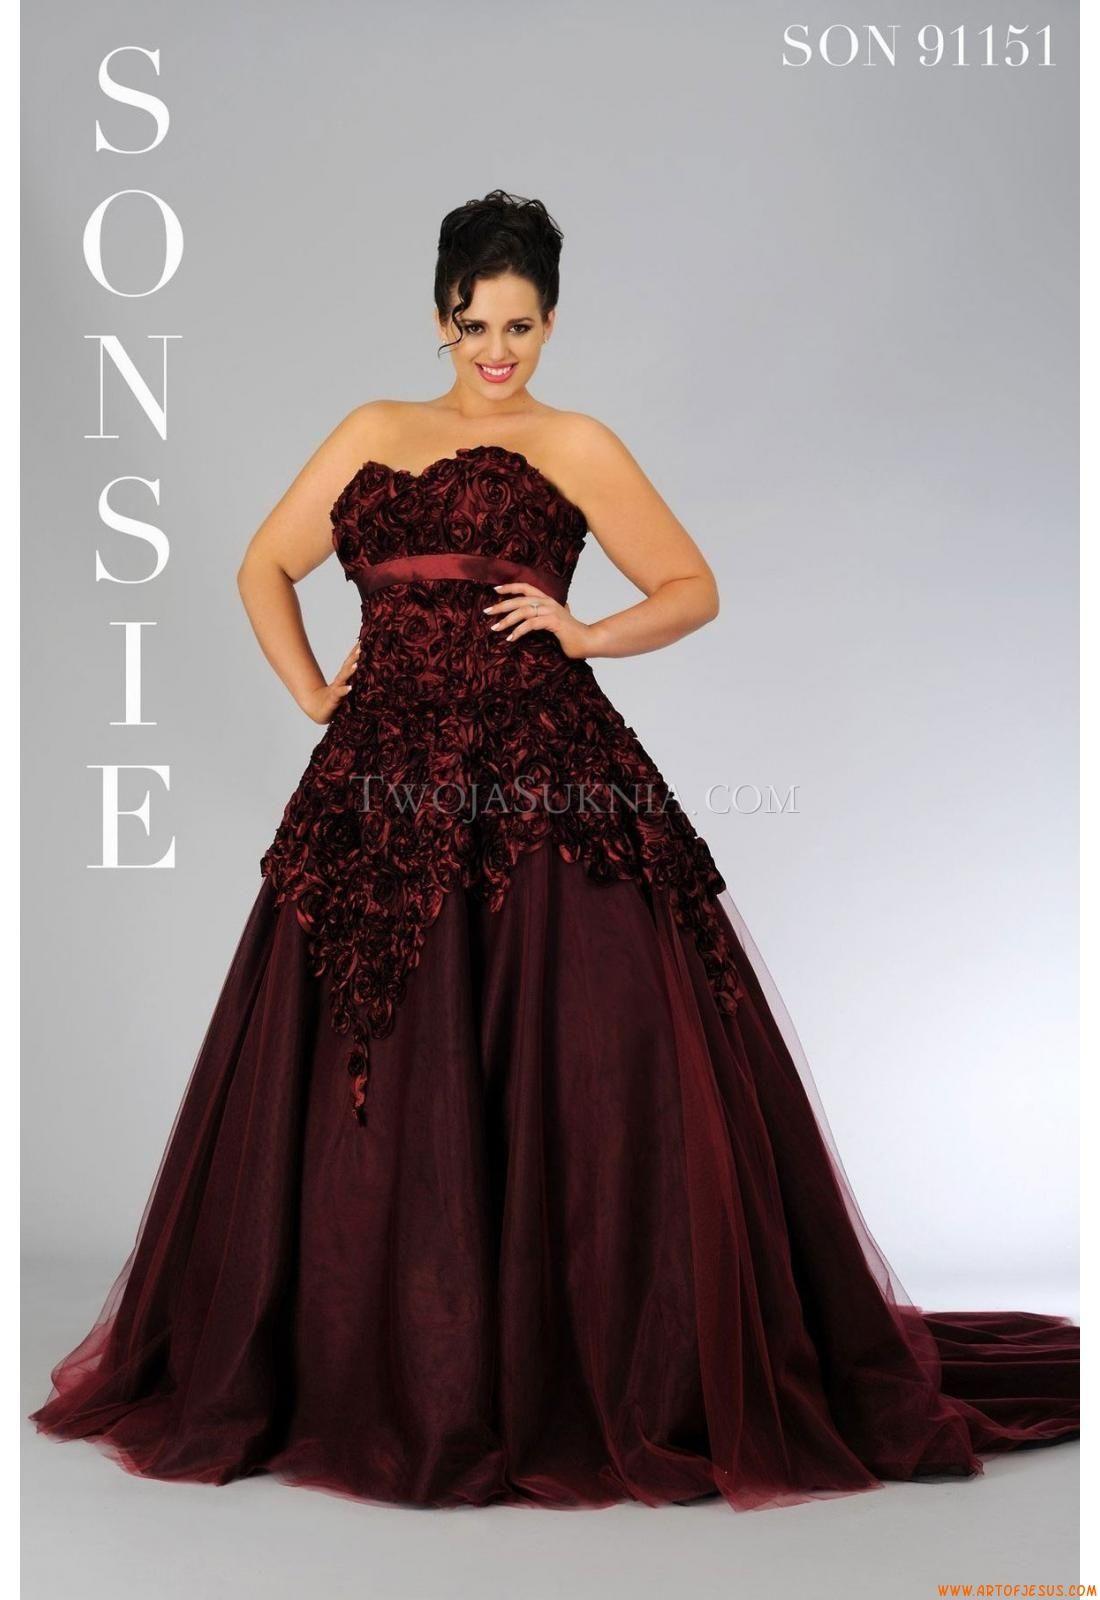 Cheap unique wedding dresses  Wedding Dresses Veromia SON  Sonsie  plus size wedding dresses